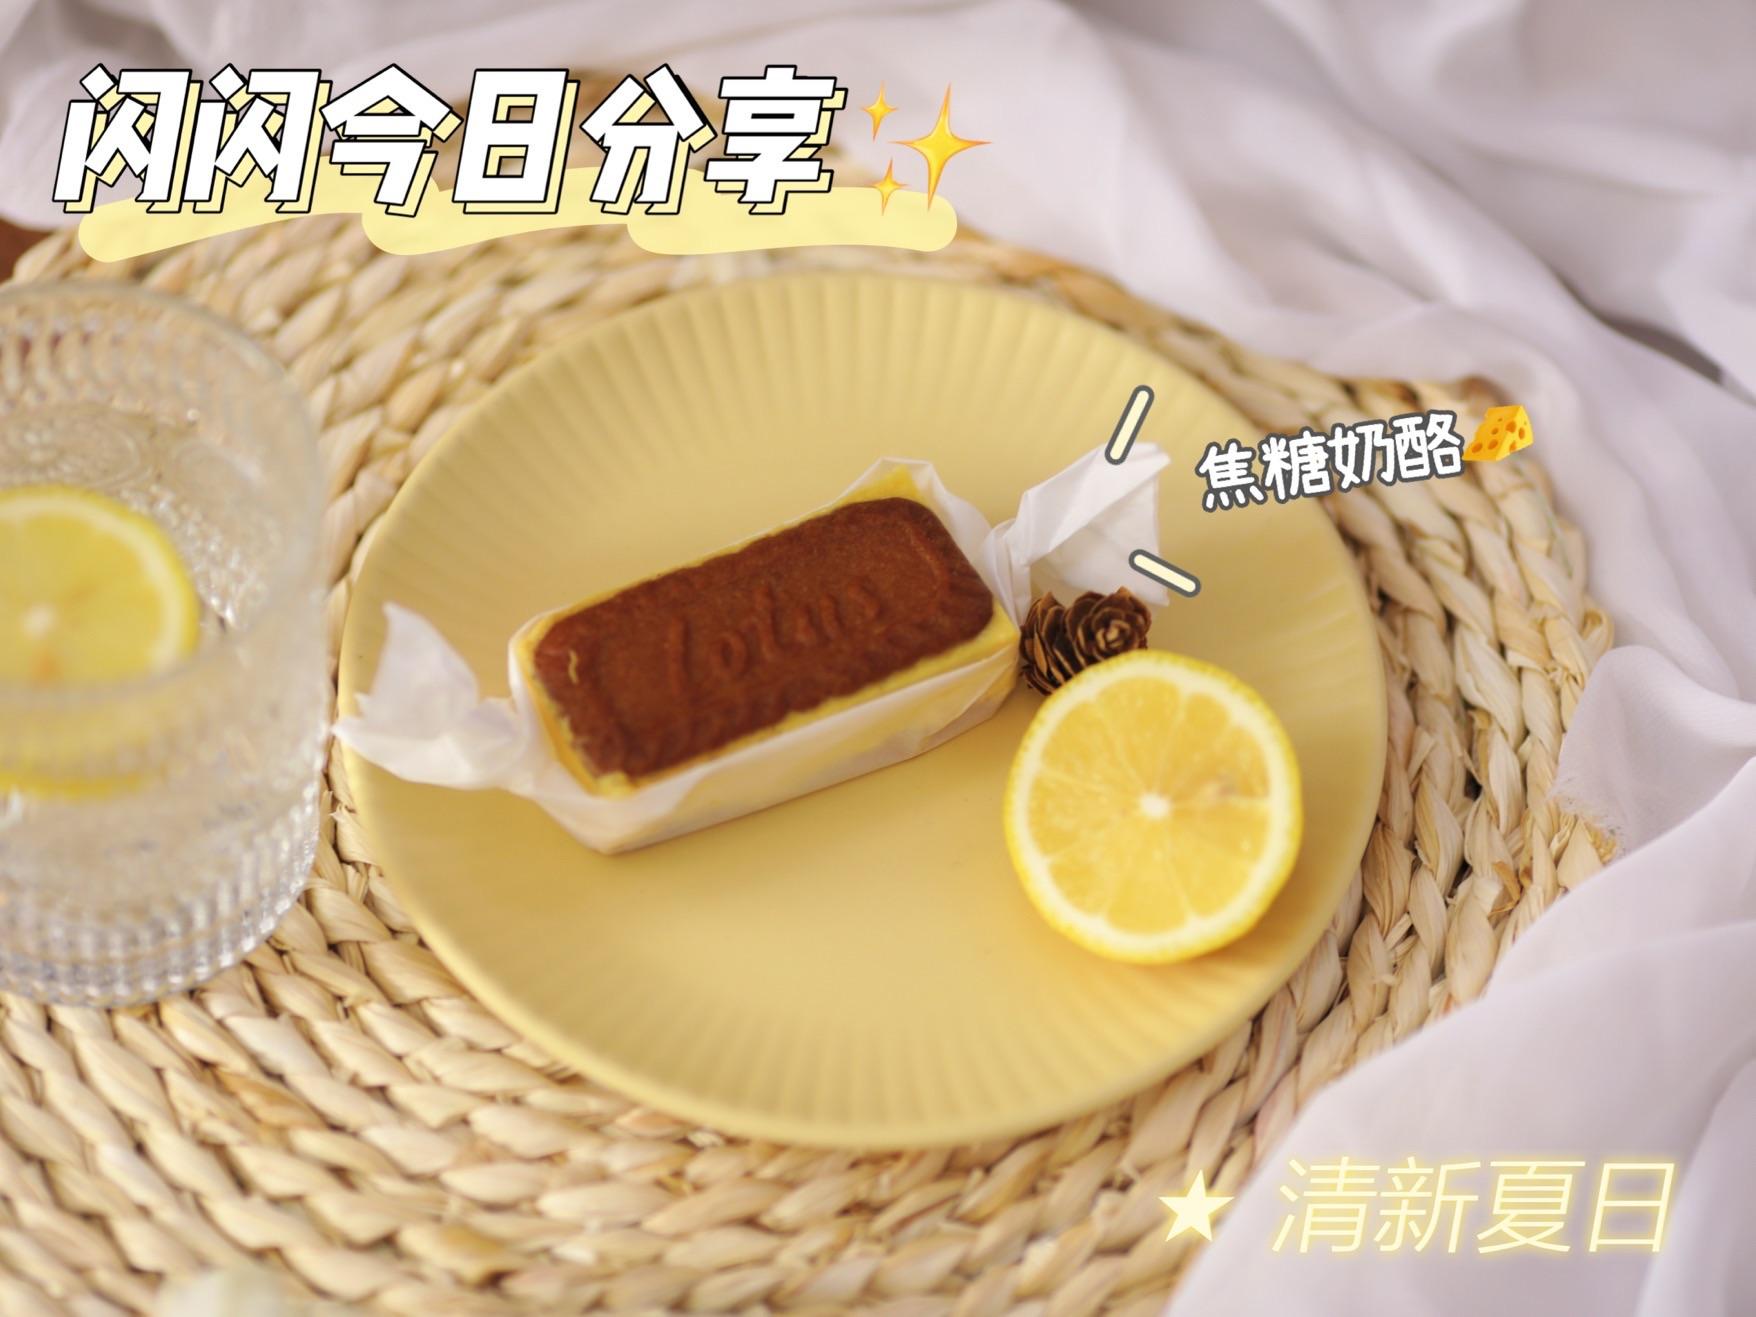 07.31打卡|闪闪甜品分享之焦糖奶酪小蛋糕🧀️